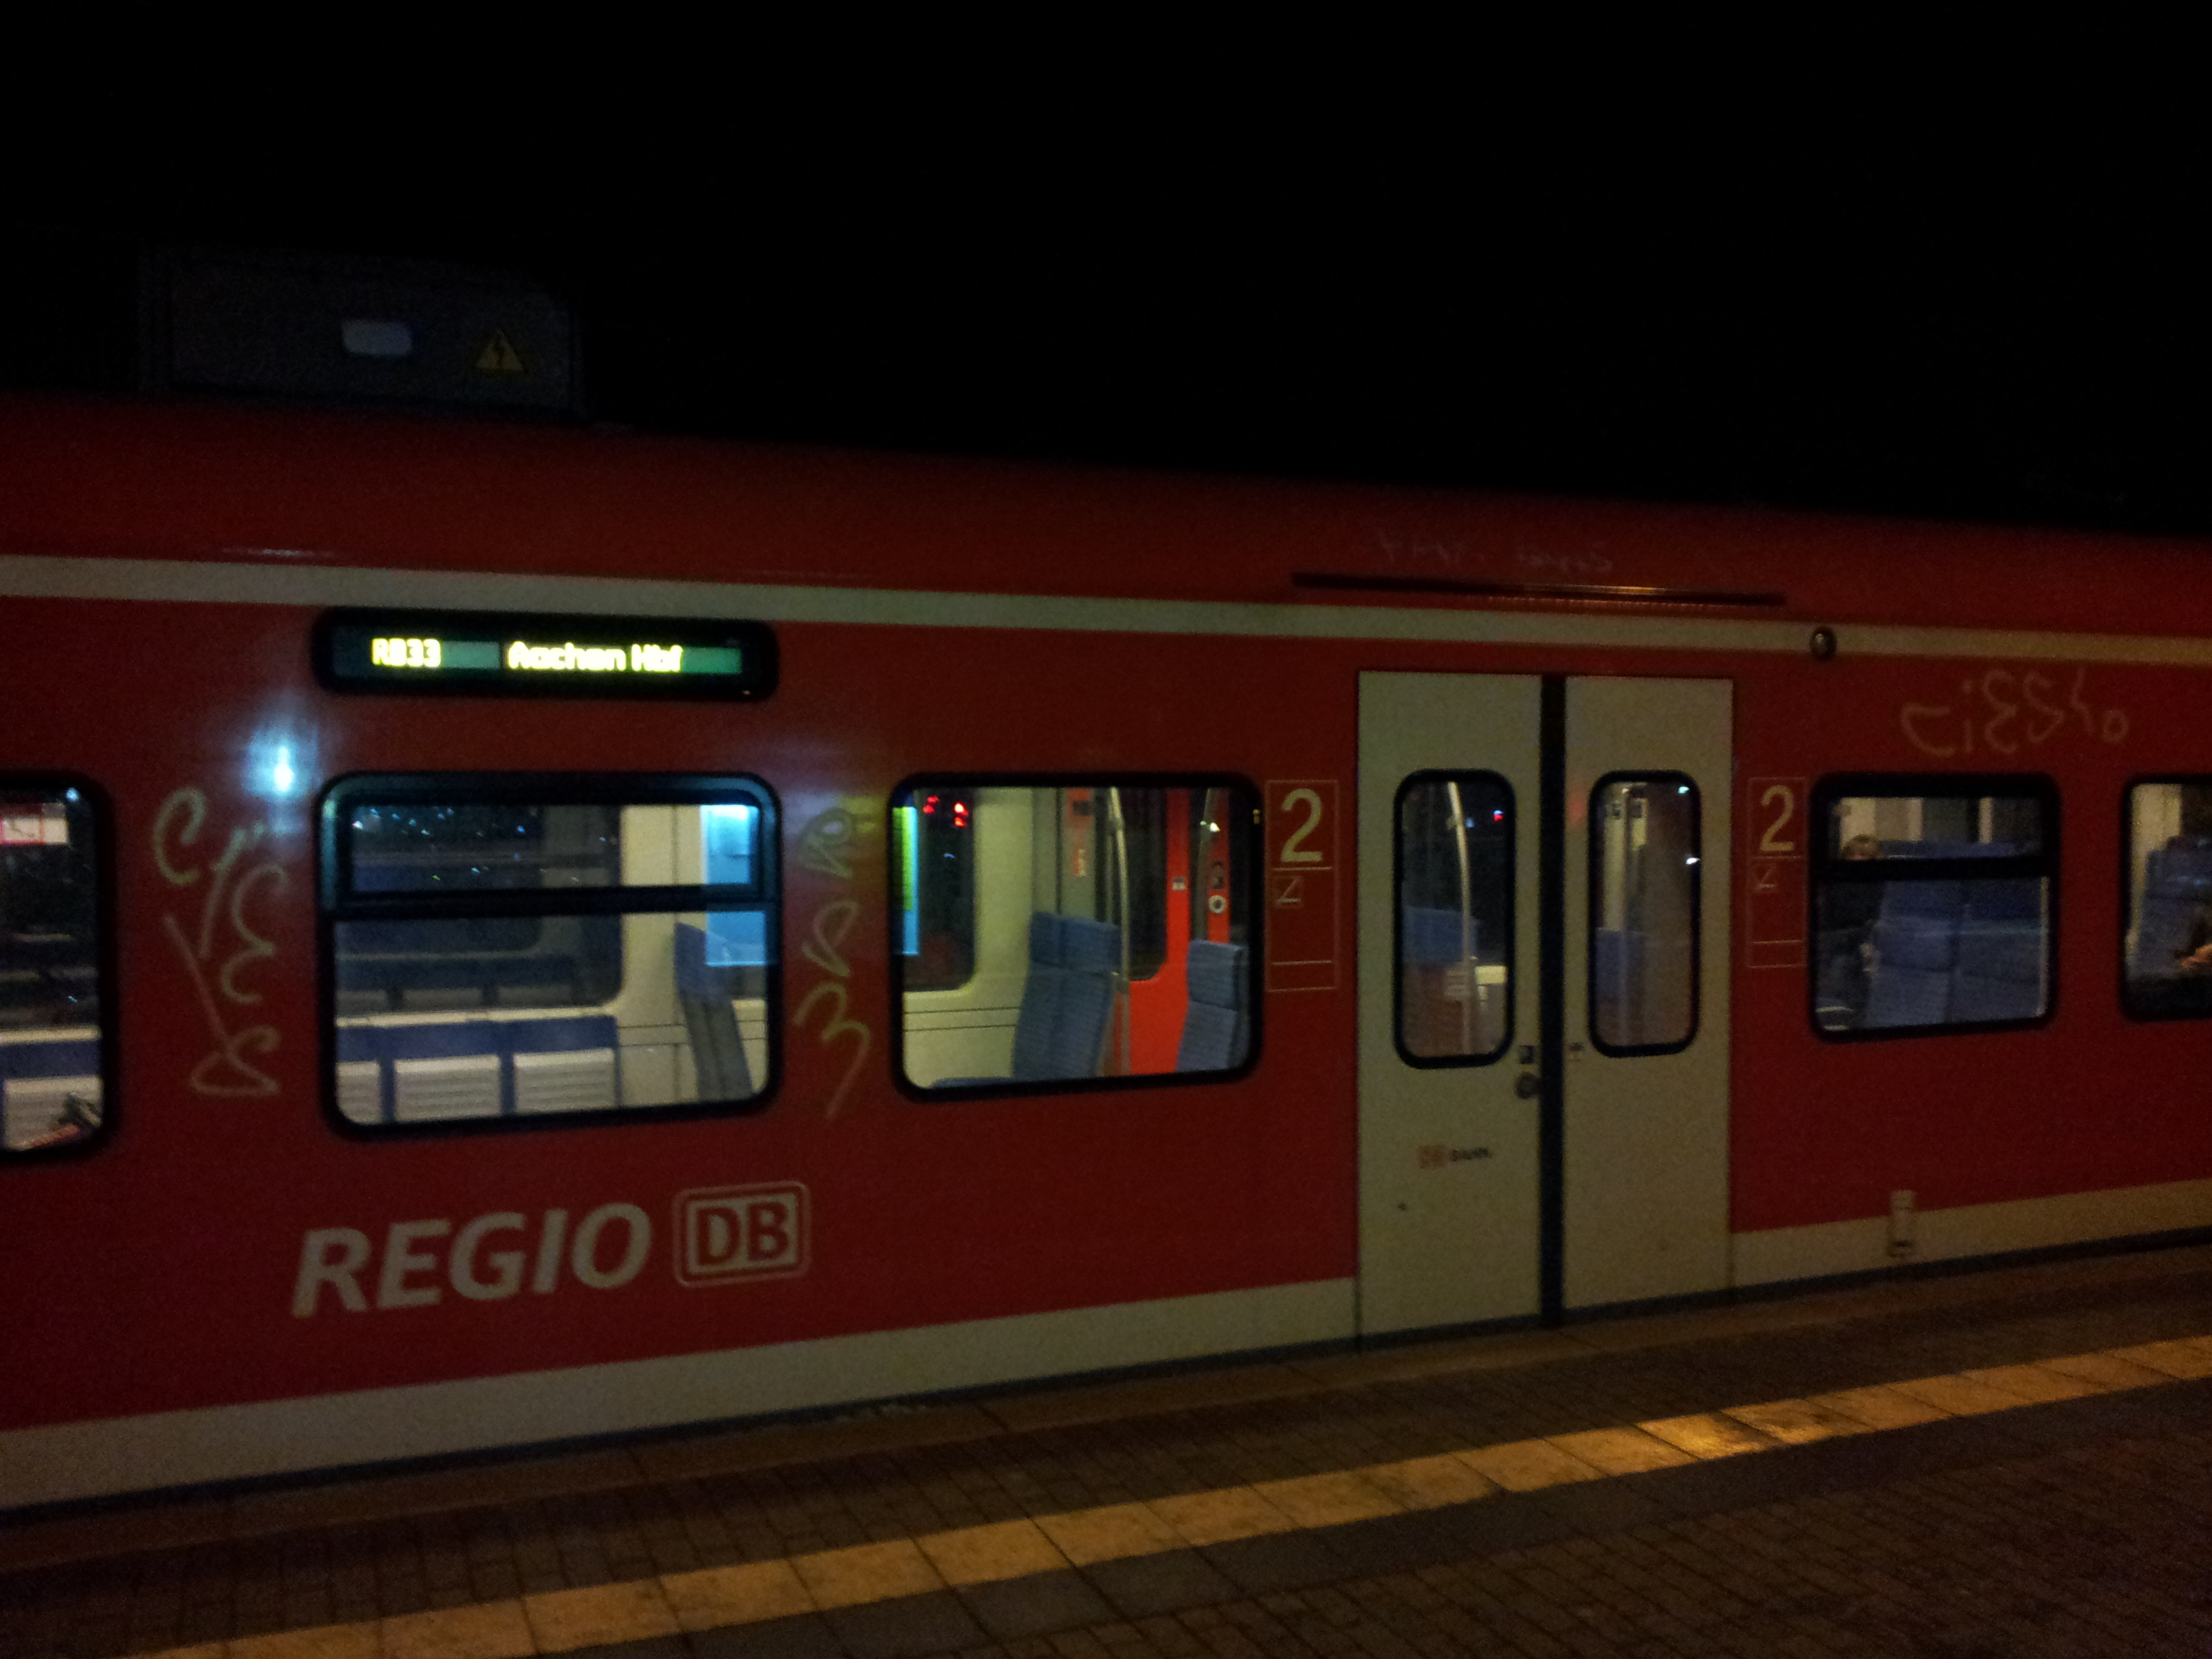 RB33 in Uerdingen